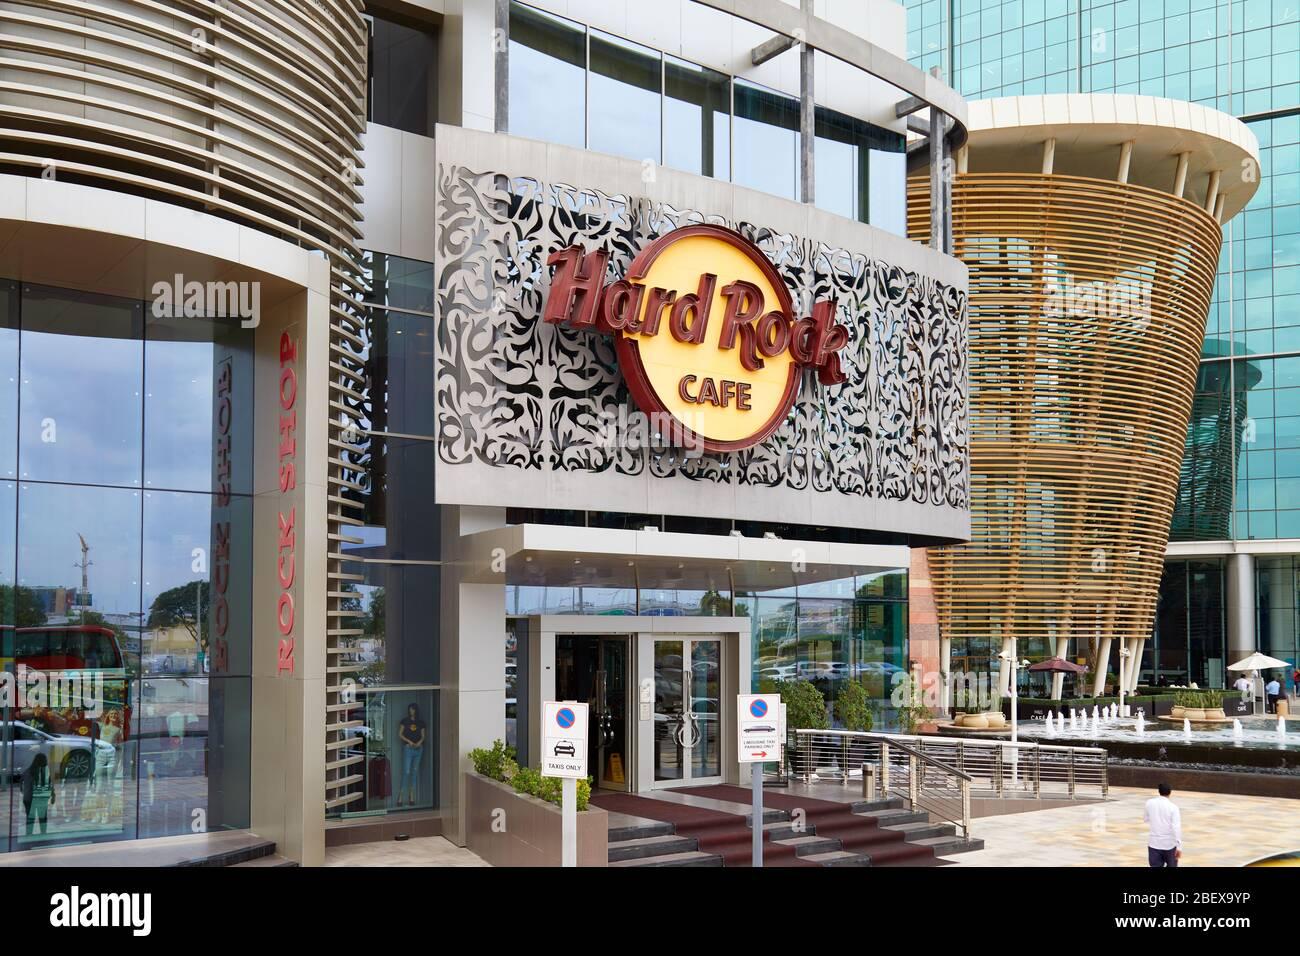 Dubaï, Émirats arabes unis - 21 NOVEMBRE 2019: Hard Rock Cafe et signe à Dubaï Banque D'Images